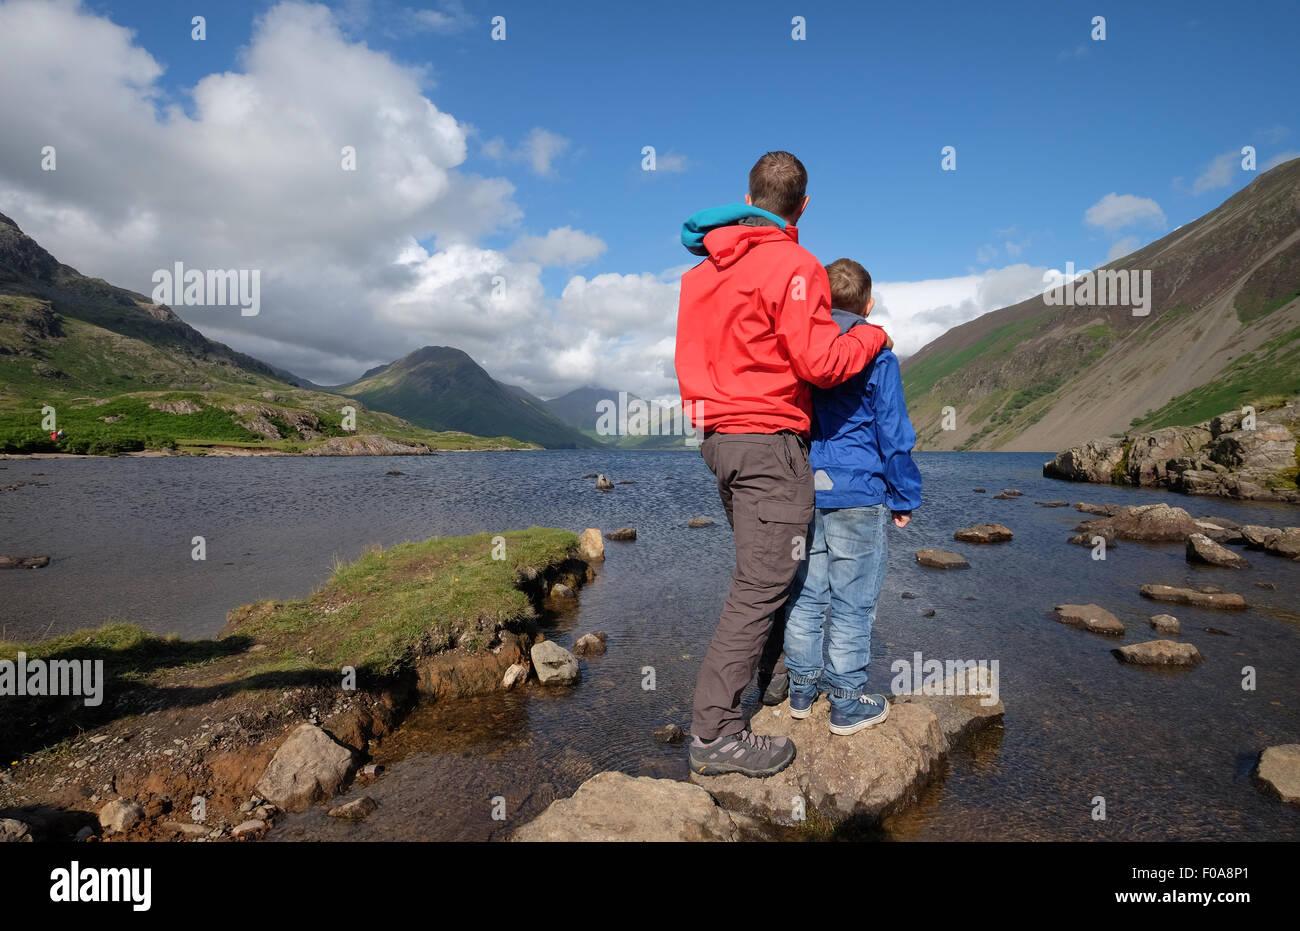 Un padre y su hijo disfrute de la vista en el agua residual en el distrito de los lagos de Cumbria, Reino Unido Imagen De Stock